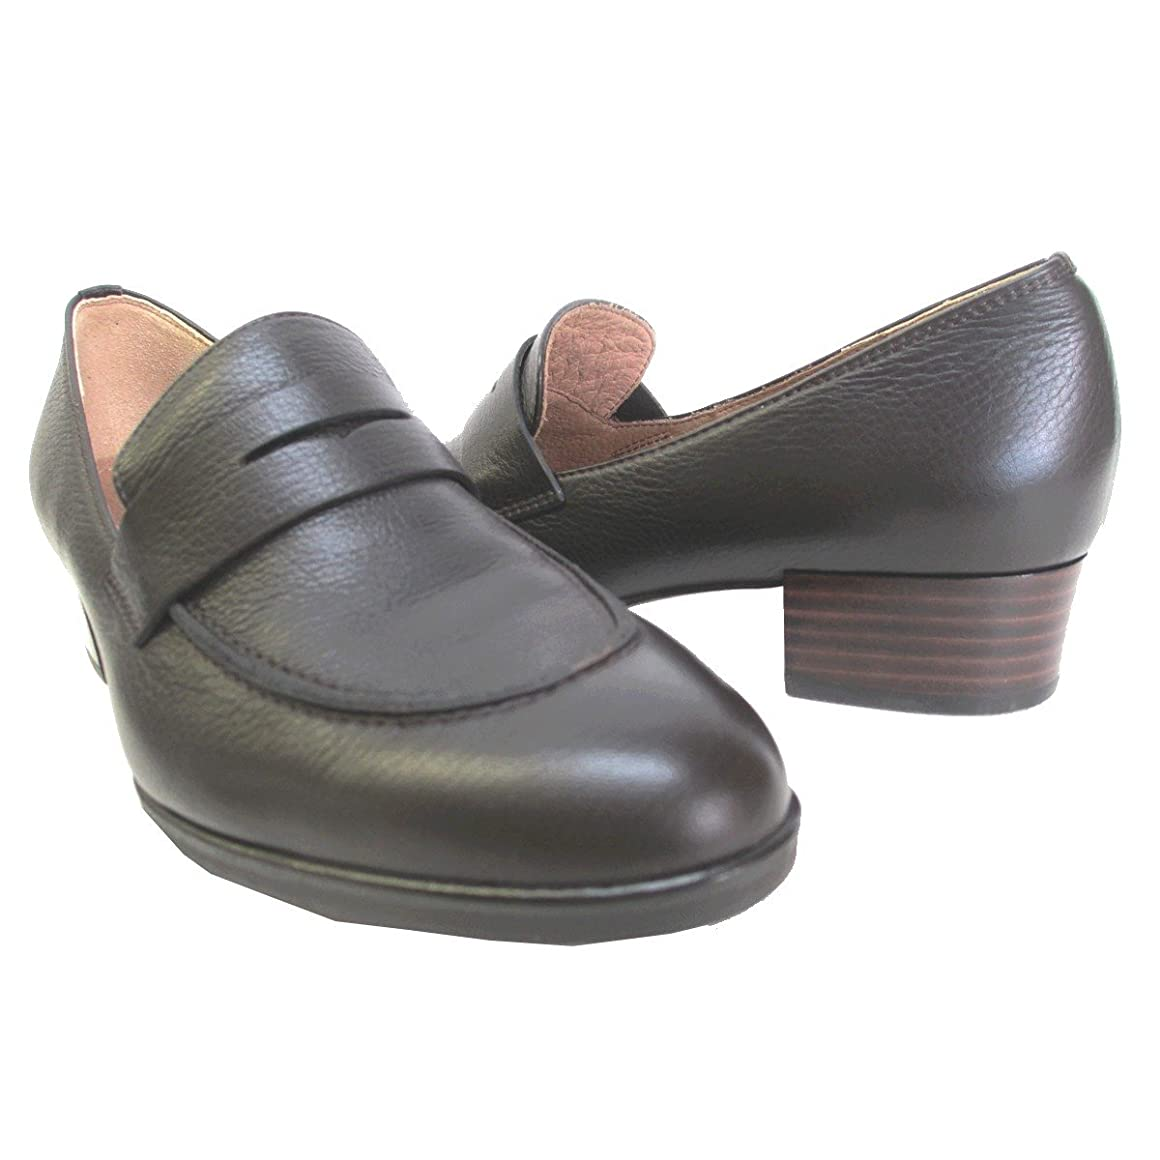 包帯宇宙バンク[イング] NG 2201 レディース ヒールアップ ローファー 日本製 通勤靴 仕事靴